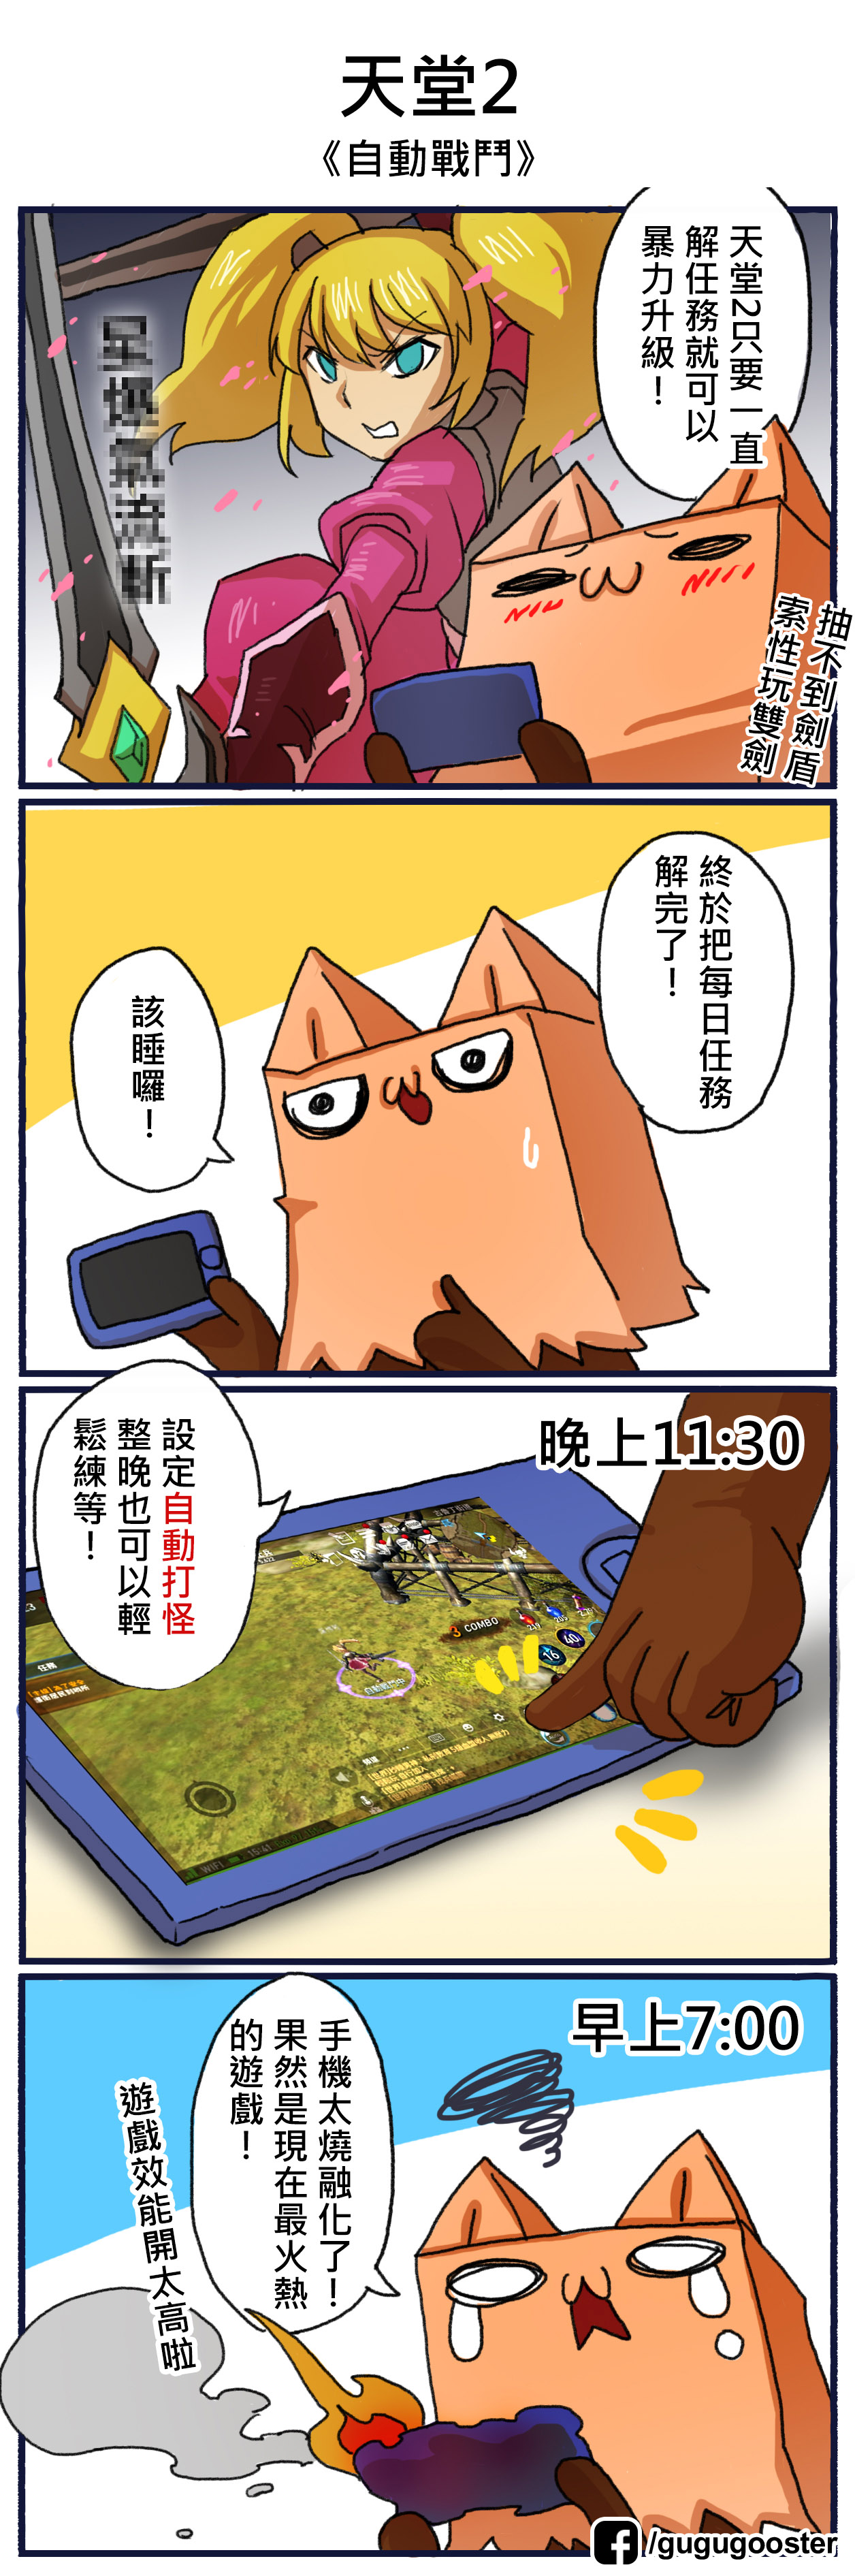 【四格】天堂II-自動戰鬥